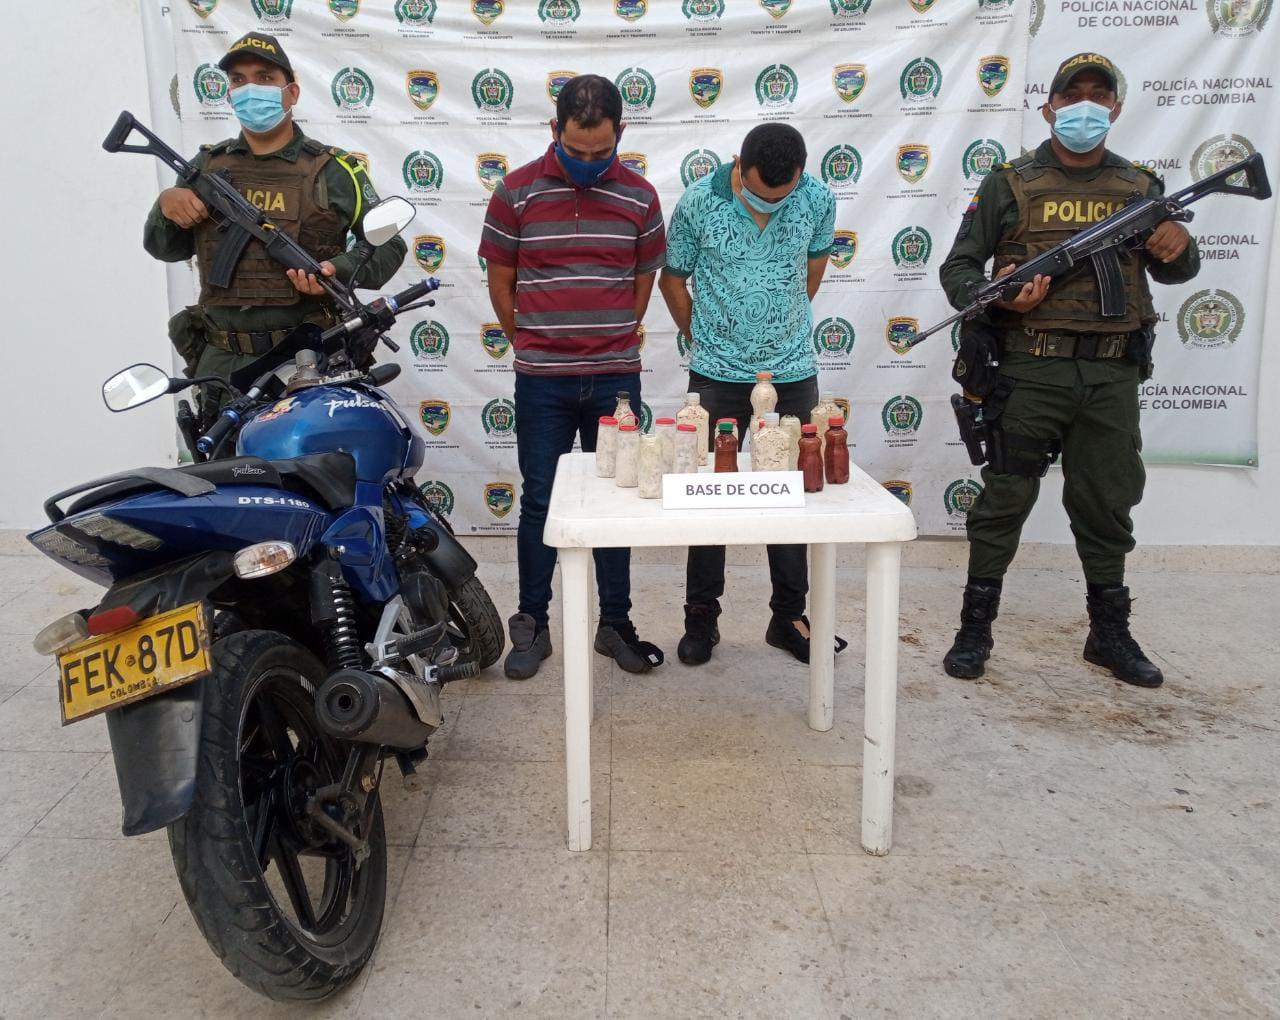 hoyennoticia.com, Llevaban 4 kilos de coca en el tanque de la gasolina de una moto